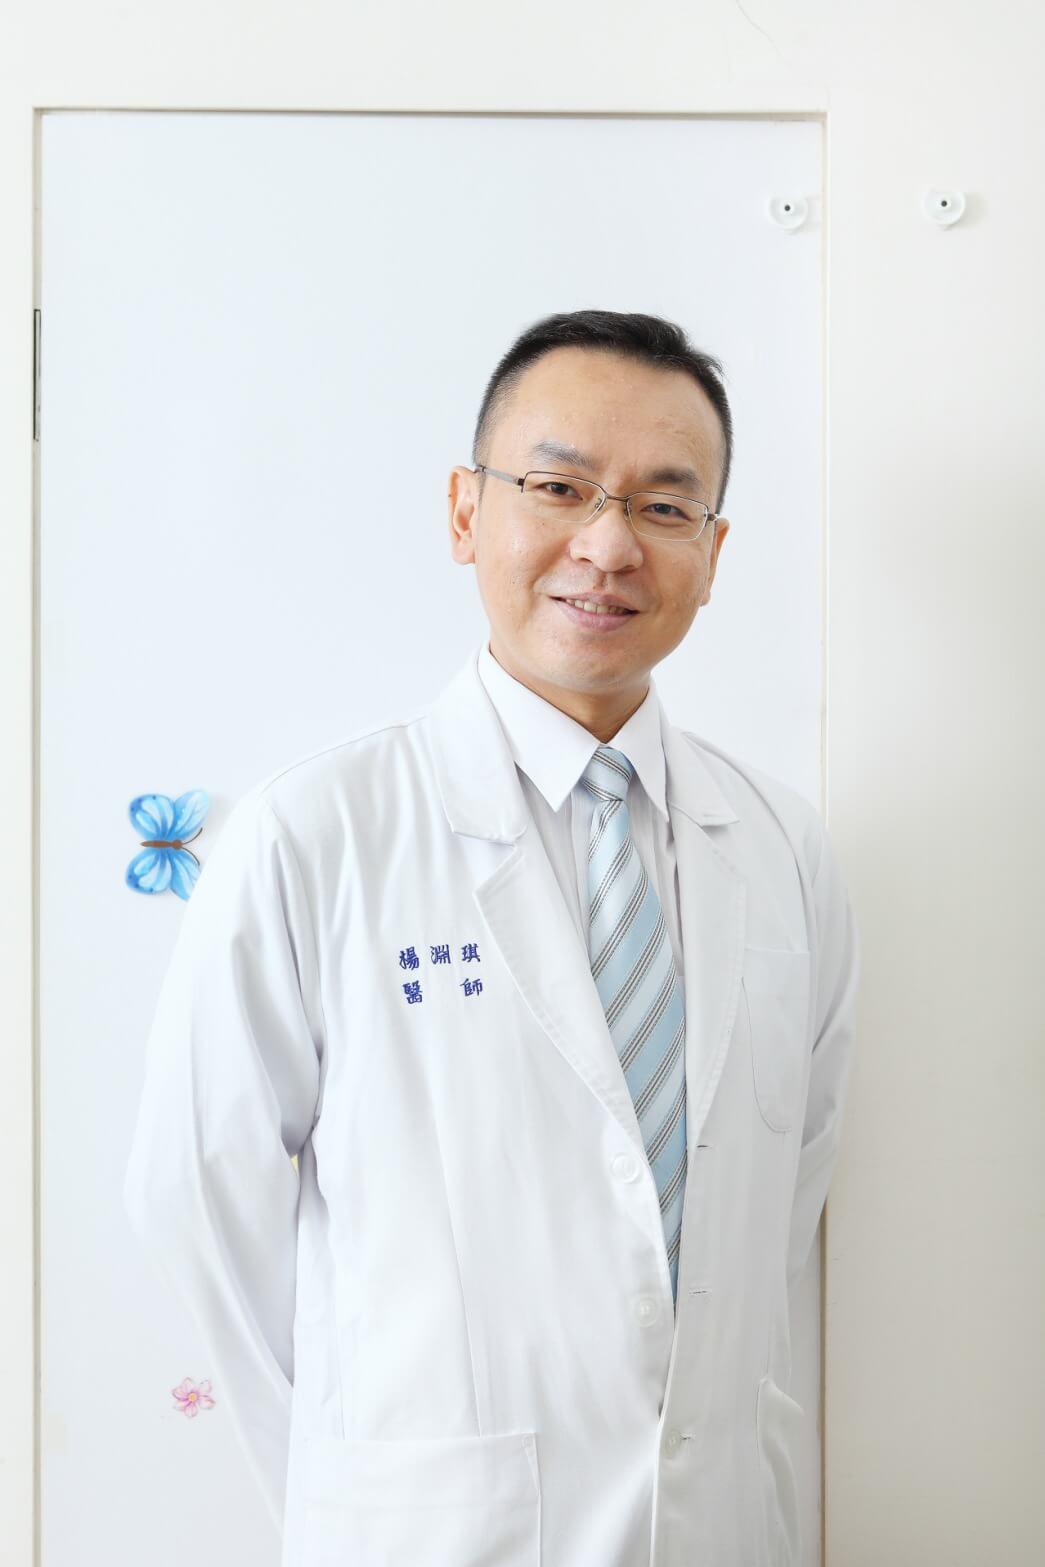 6-楊淵琪醫師